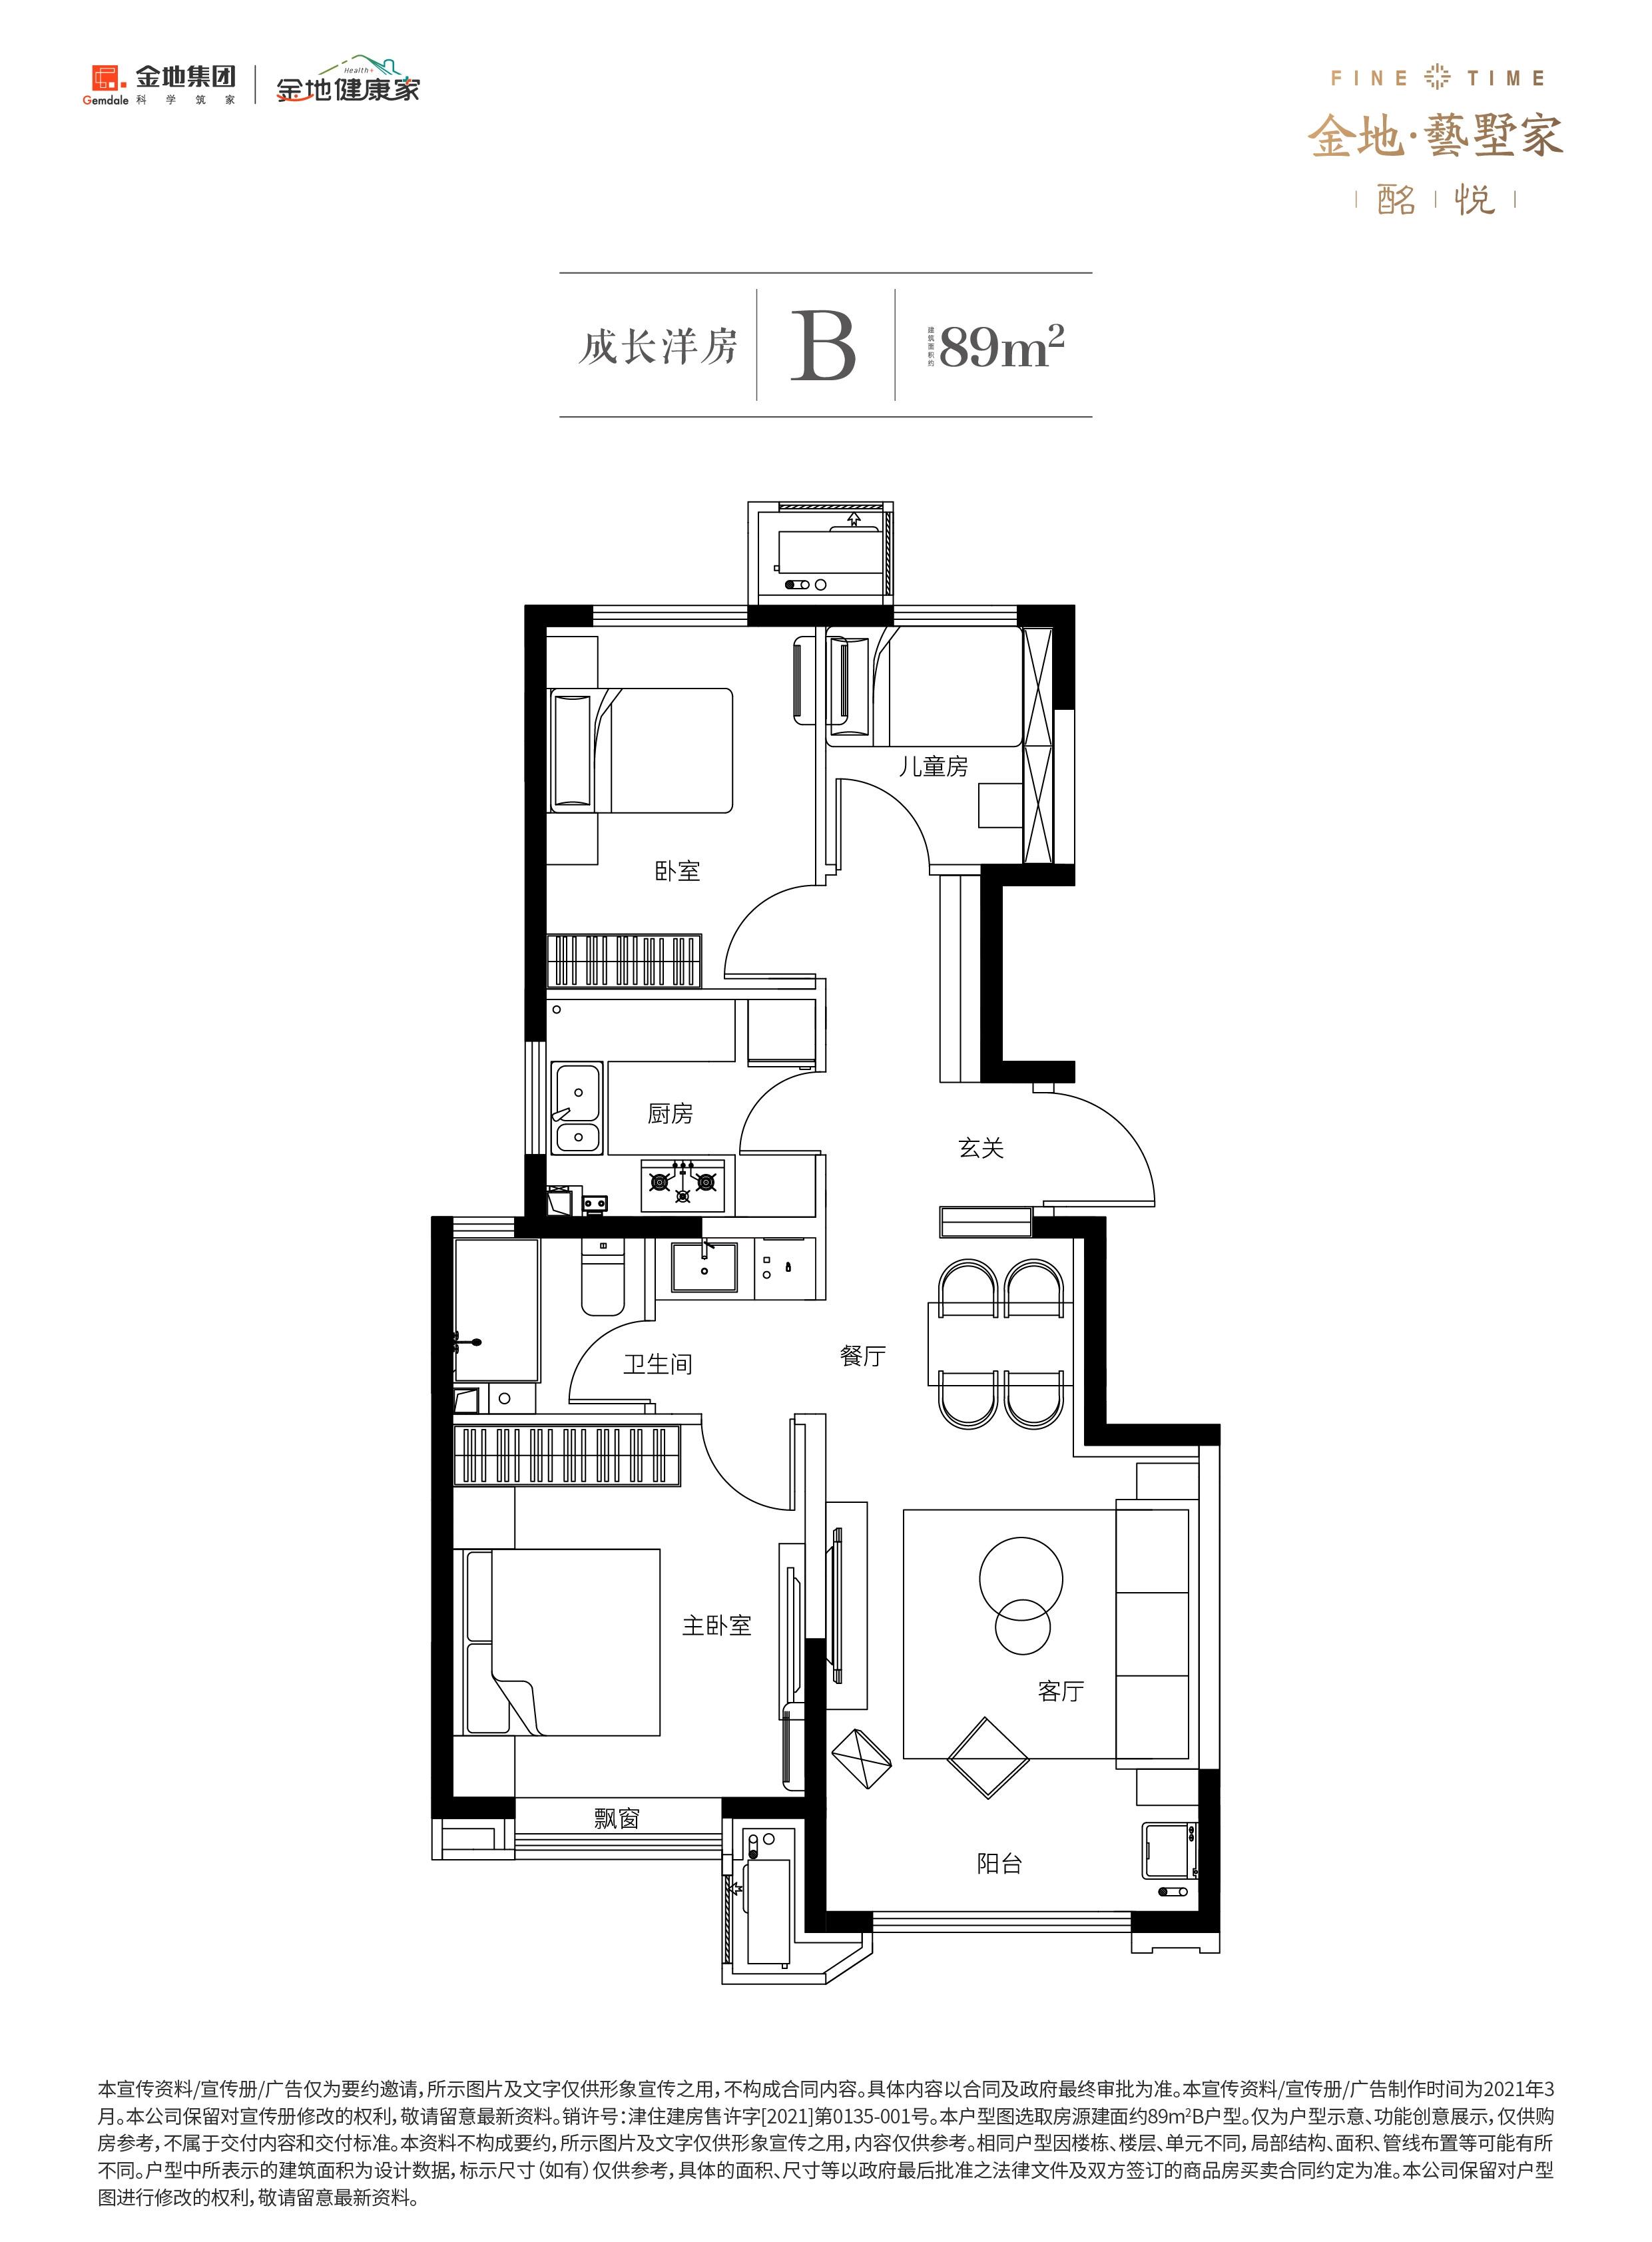 洋房B户型89平米三室两厅一卫